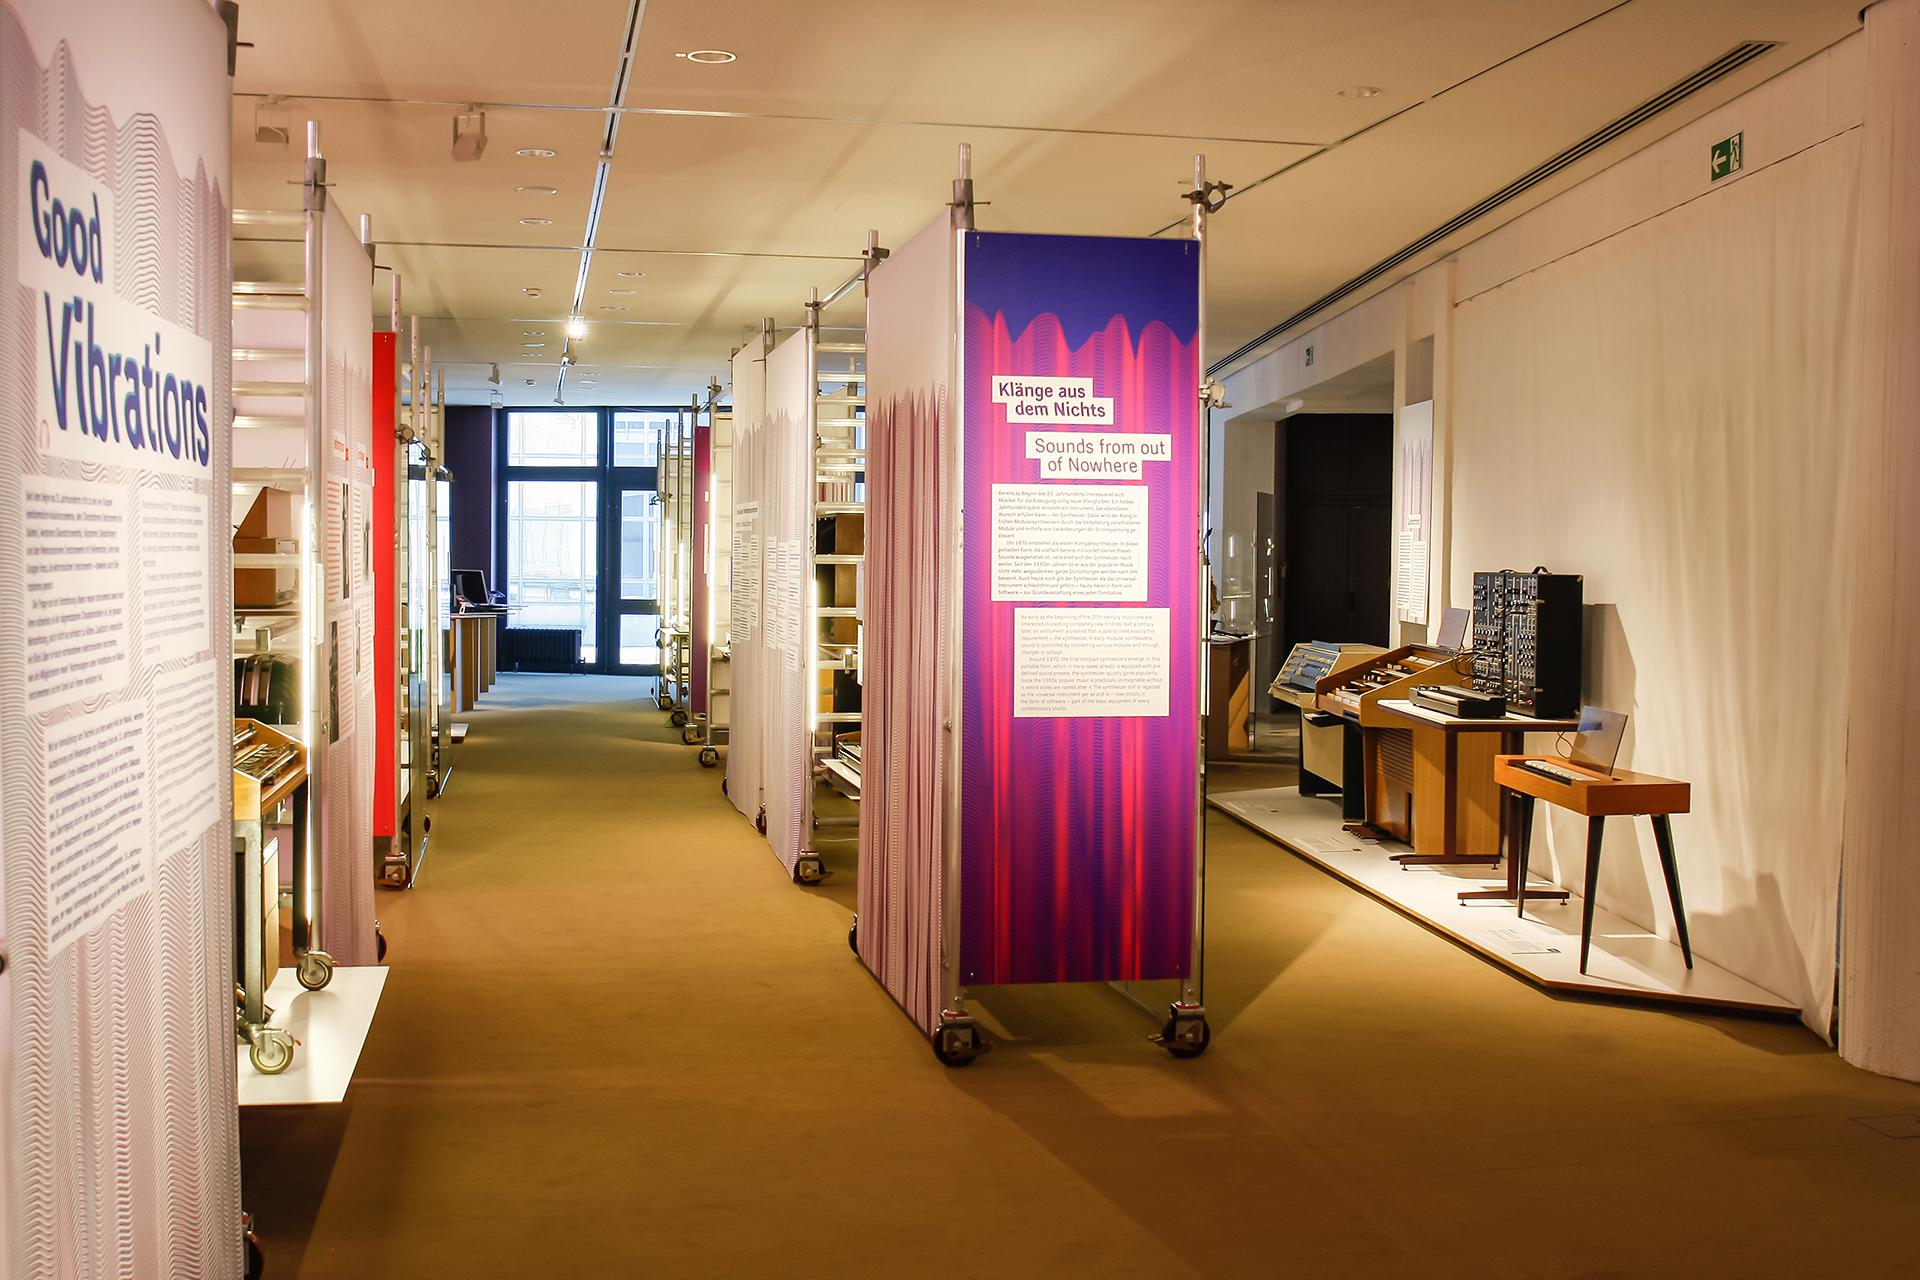 Good Vibrations Musikinstrumenten Museum Berlin Ausstelung Sonderausstellung elektronische Musik Werkzeug Ausstellungsgraphik Grafik Design Interaktion